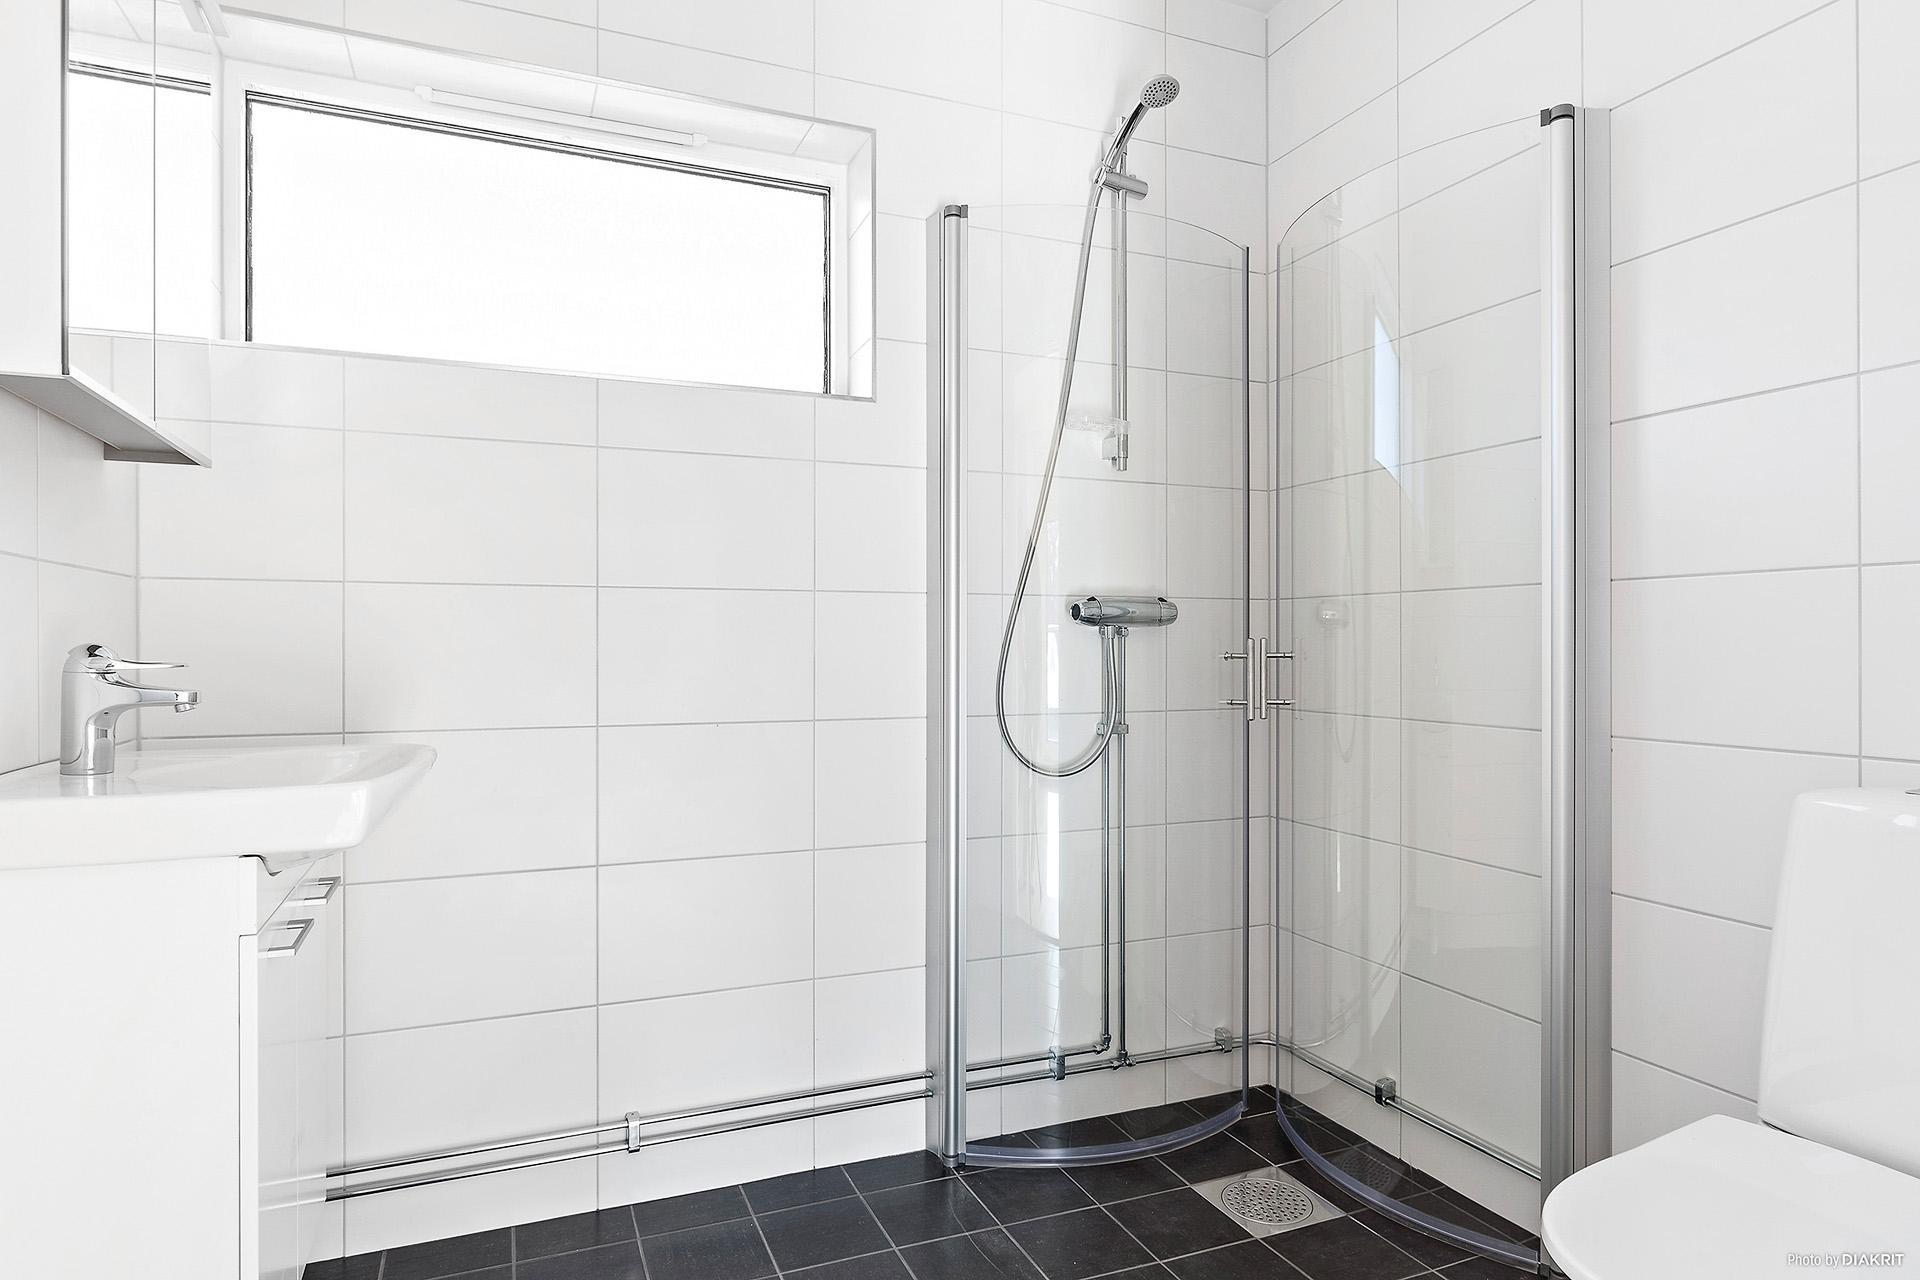 Helkaklat duschrum med WC, övervåning